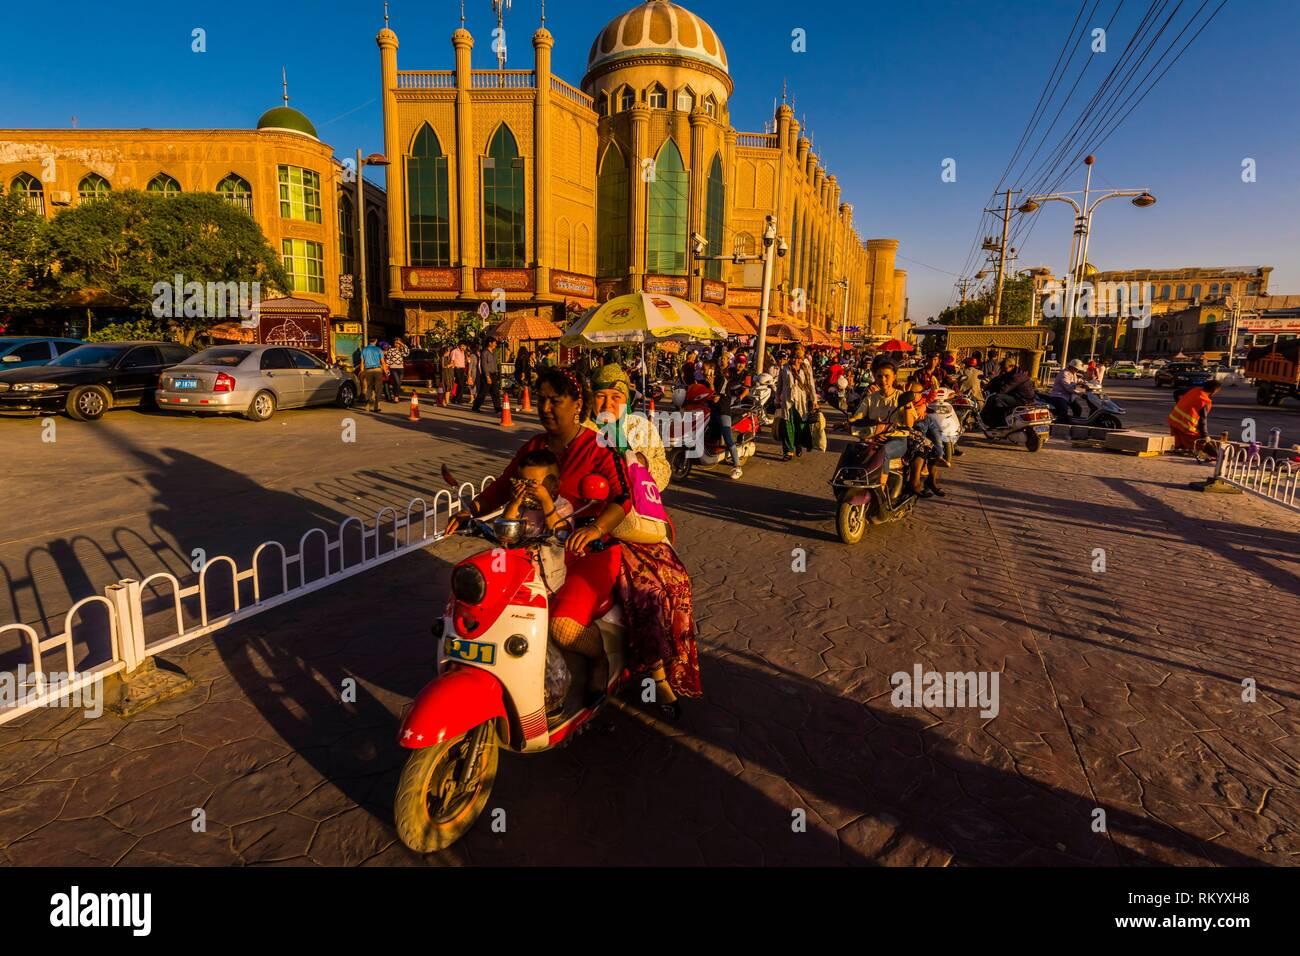 Kashgar è un oasi città nella provincia dello Xinjiang, Cina. È la città più occidentale in Cina, si trova vicino al confine con l Afghanistan, Kirghizistan, Immagini Stock